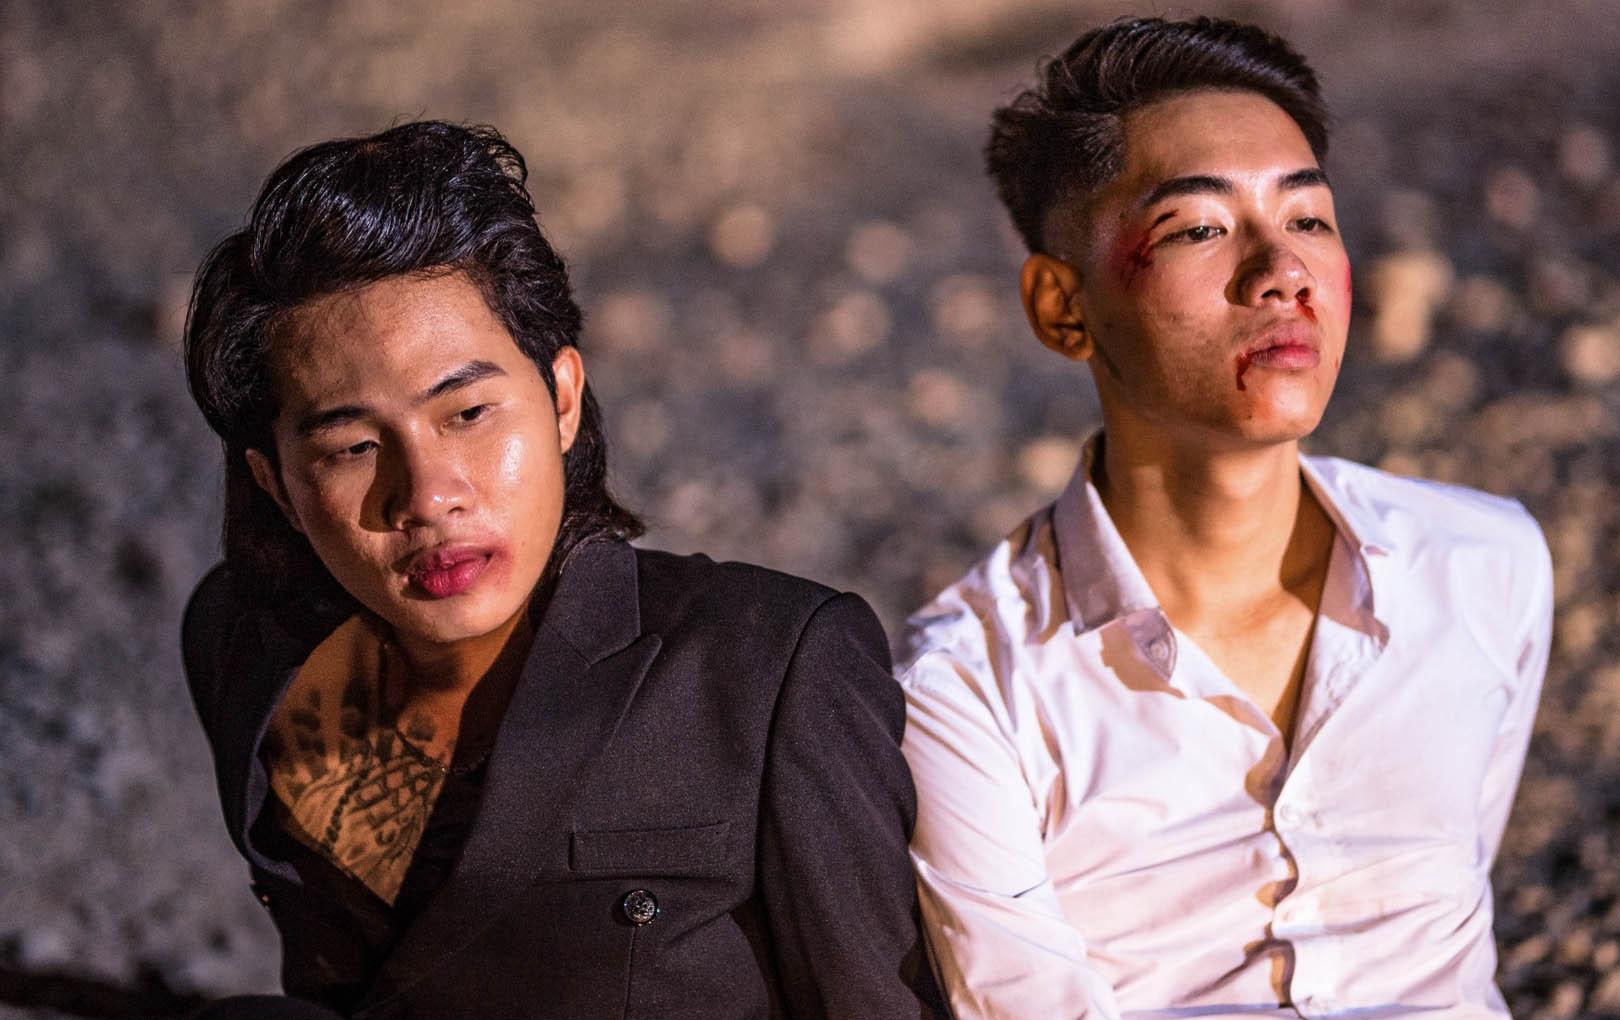 BXH 10 người ảnh hưởng nhất Việt Nam: Sơn Tùng chứng minh đẳng cấp cho vị trí đầu, Jack góp mặt ở vị trí không ngờ